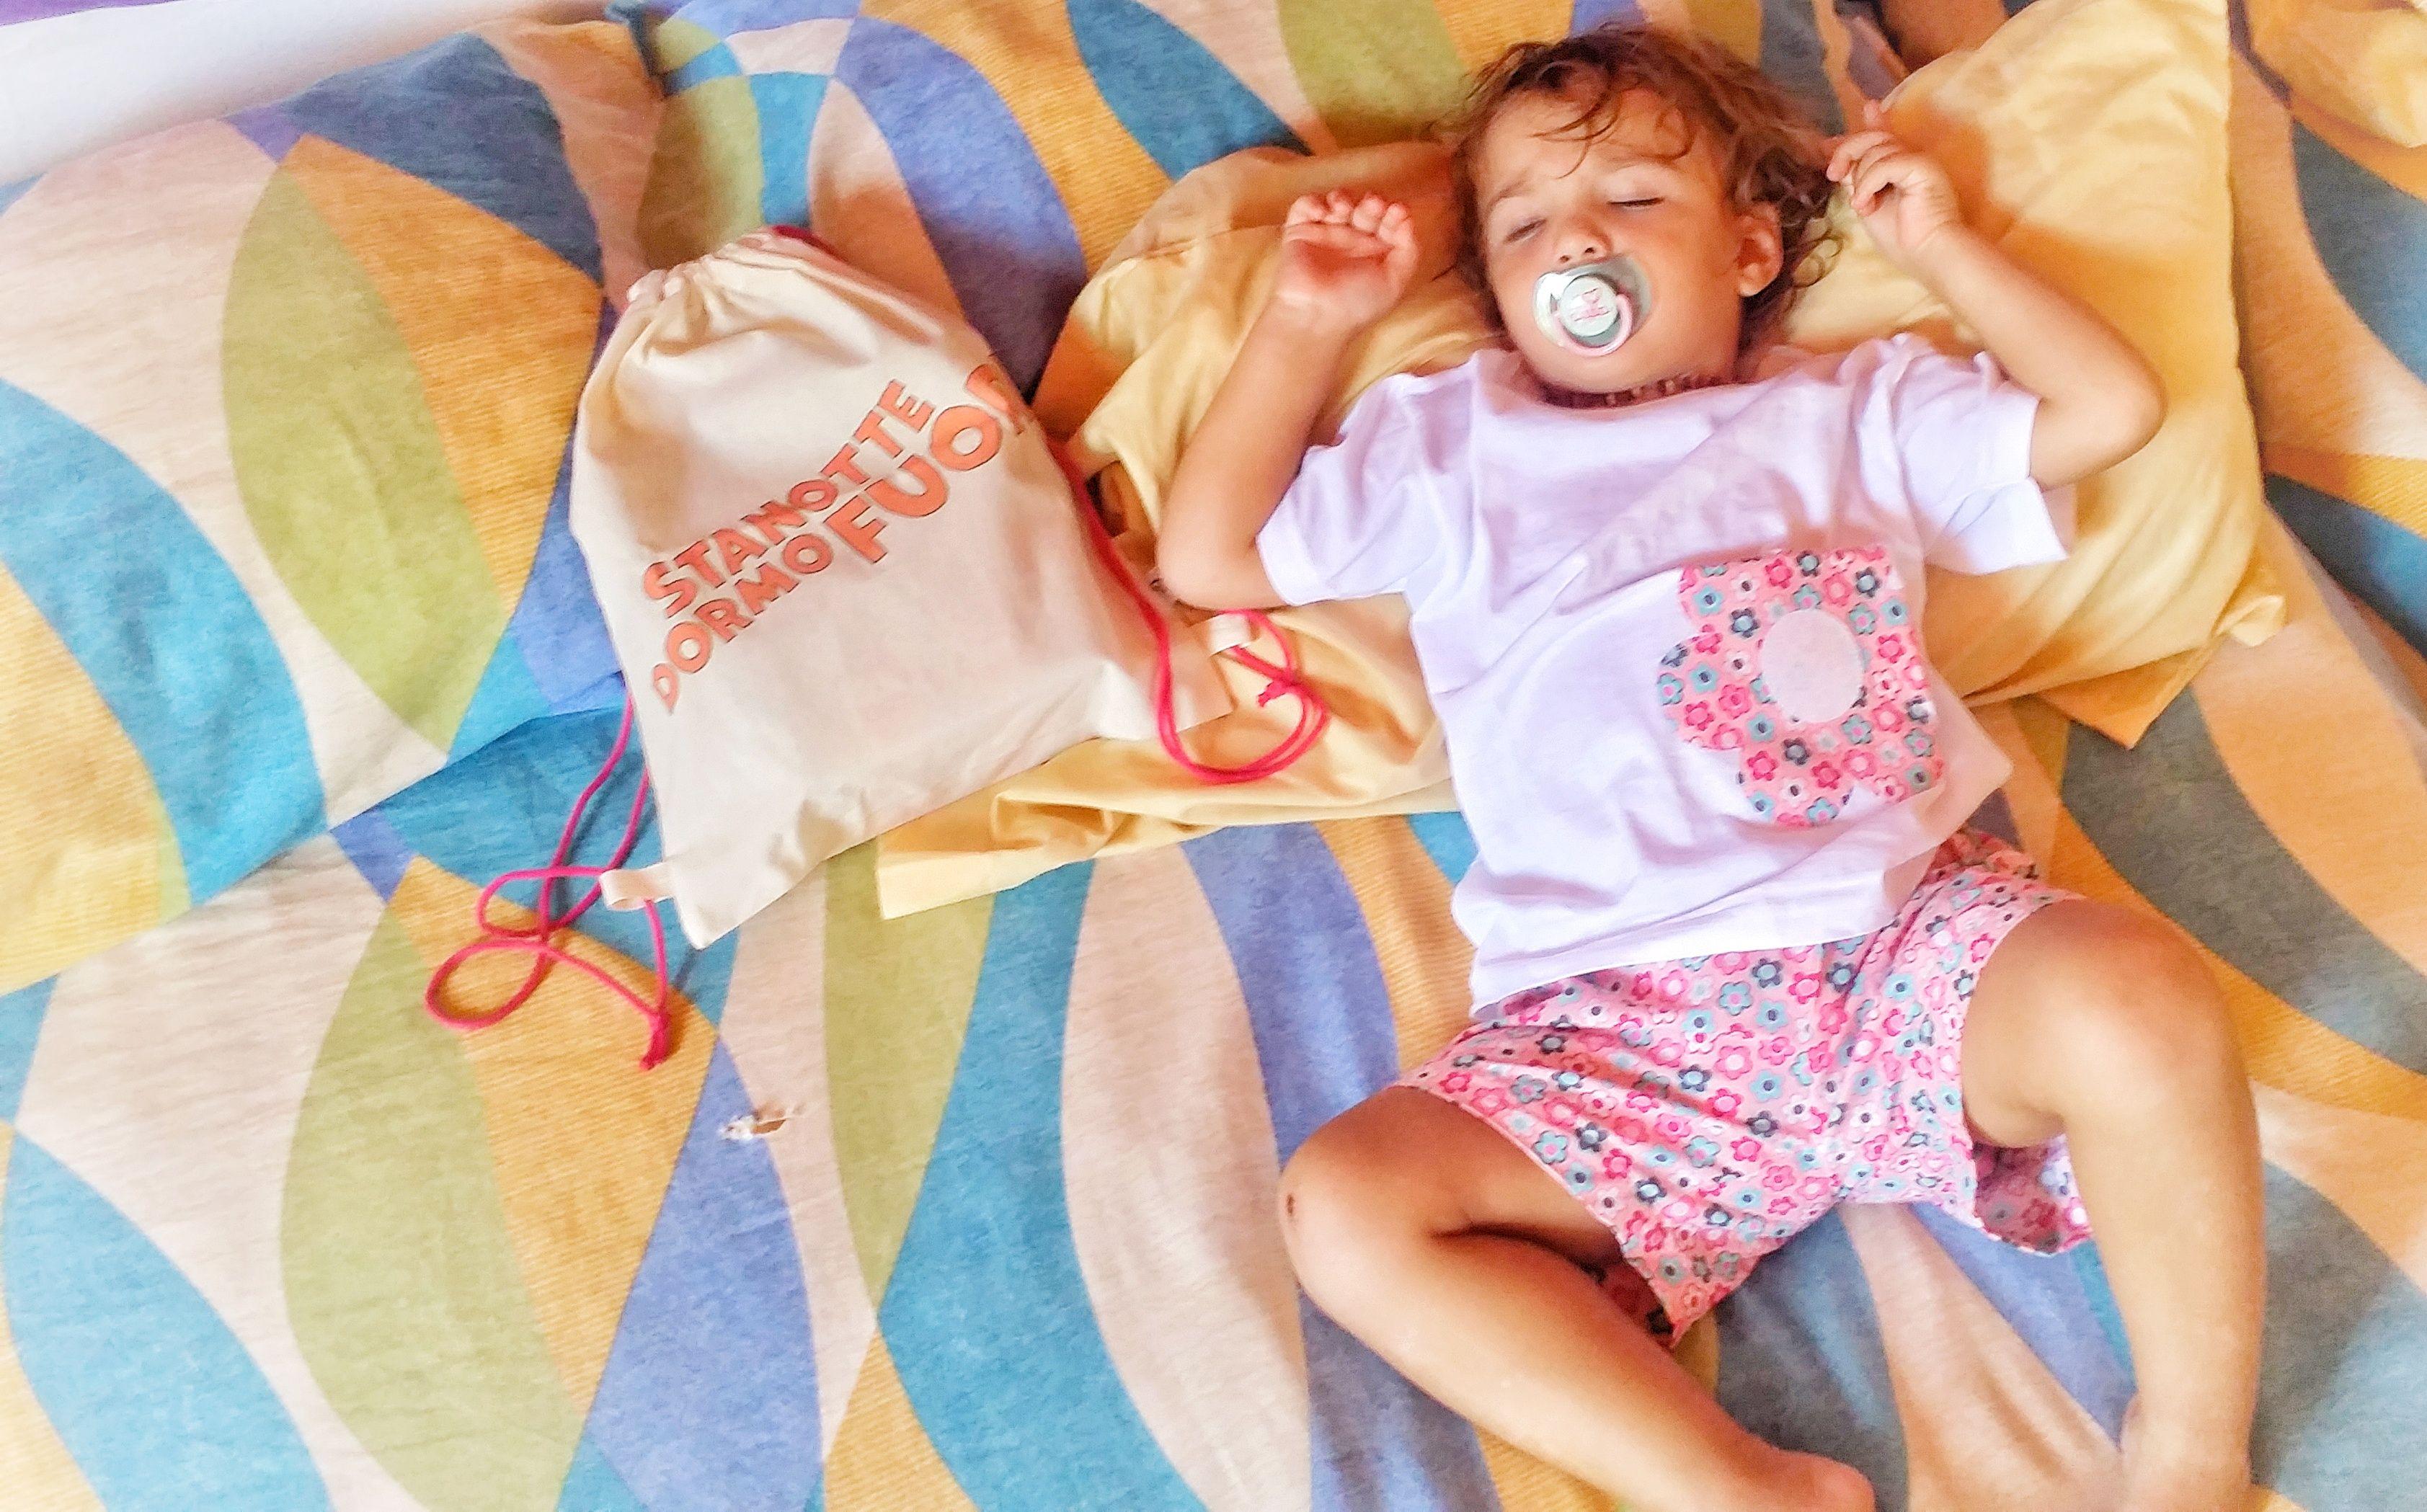 Bambini simpatici ~ Mamma io dormo fuori! un piccolo passo verso lautonomia dei